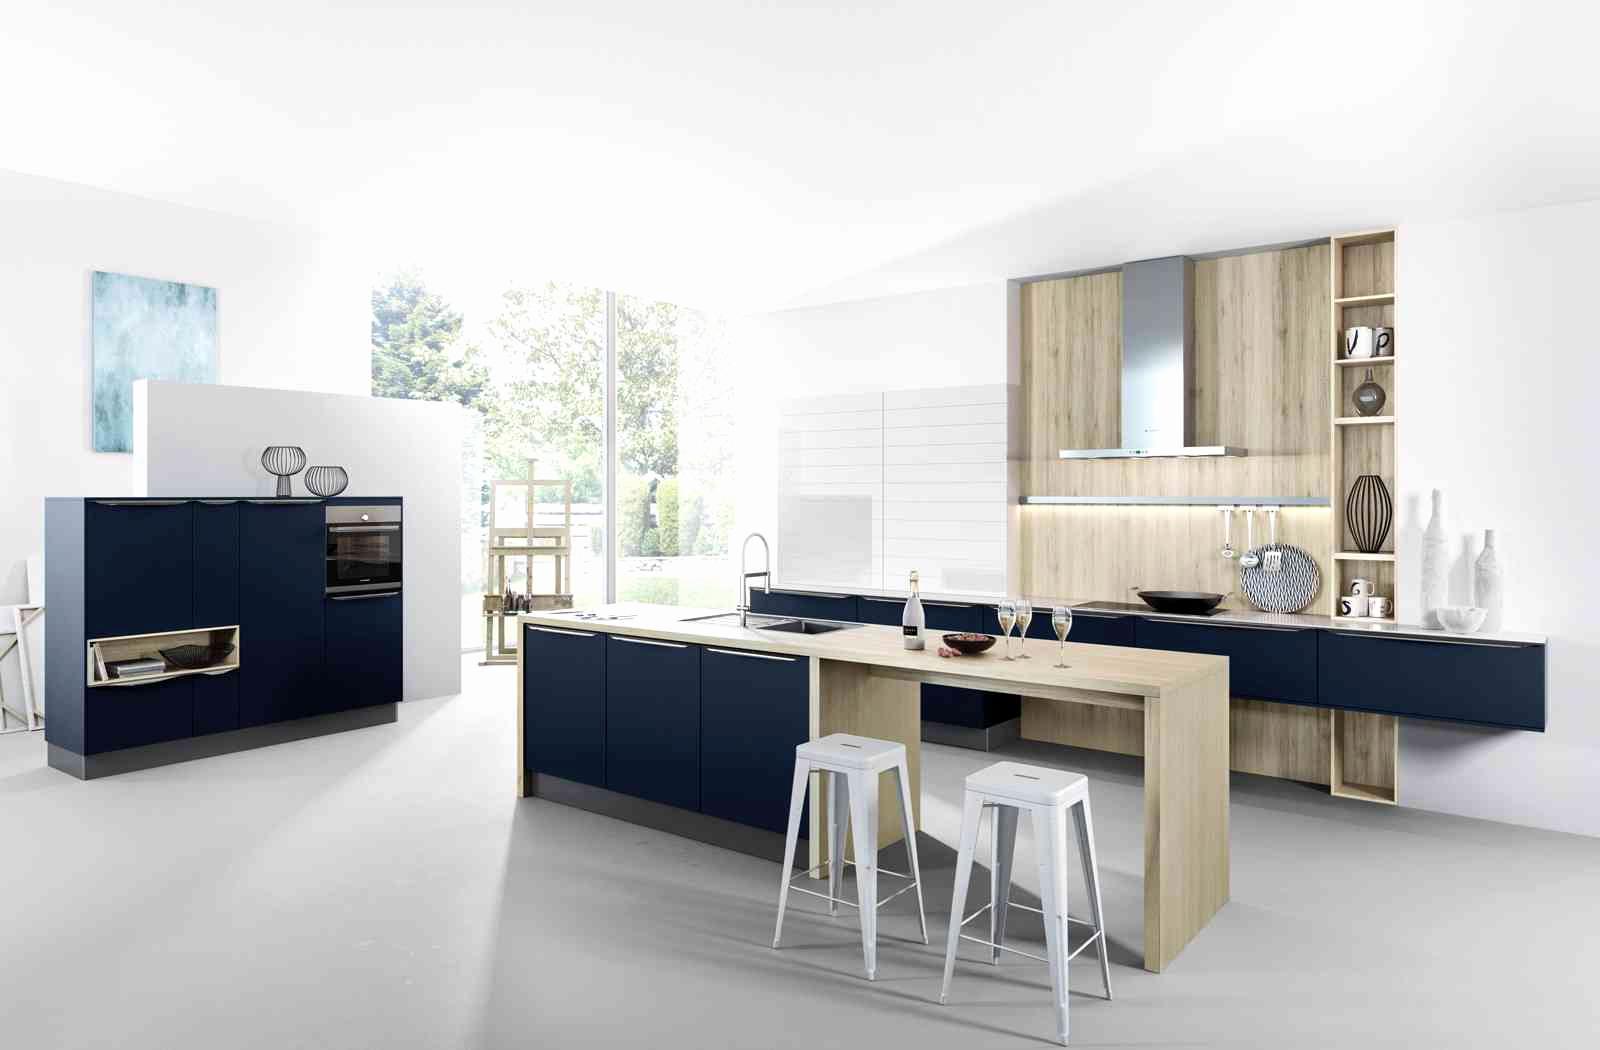 Cuisine Darty Avis 2016 Élégant Image Electromenager Ikea Avis Nouveau Cuisiniste Quimper Inspirational